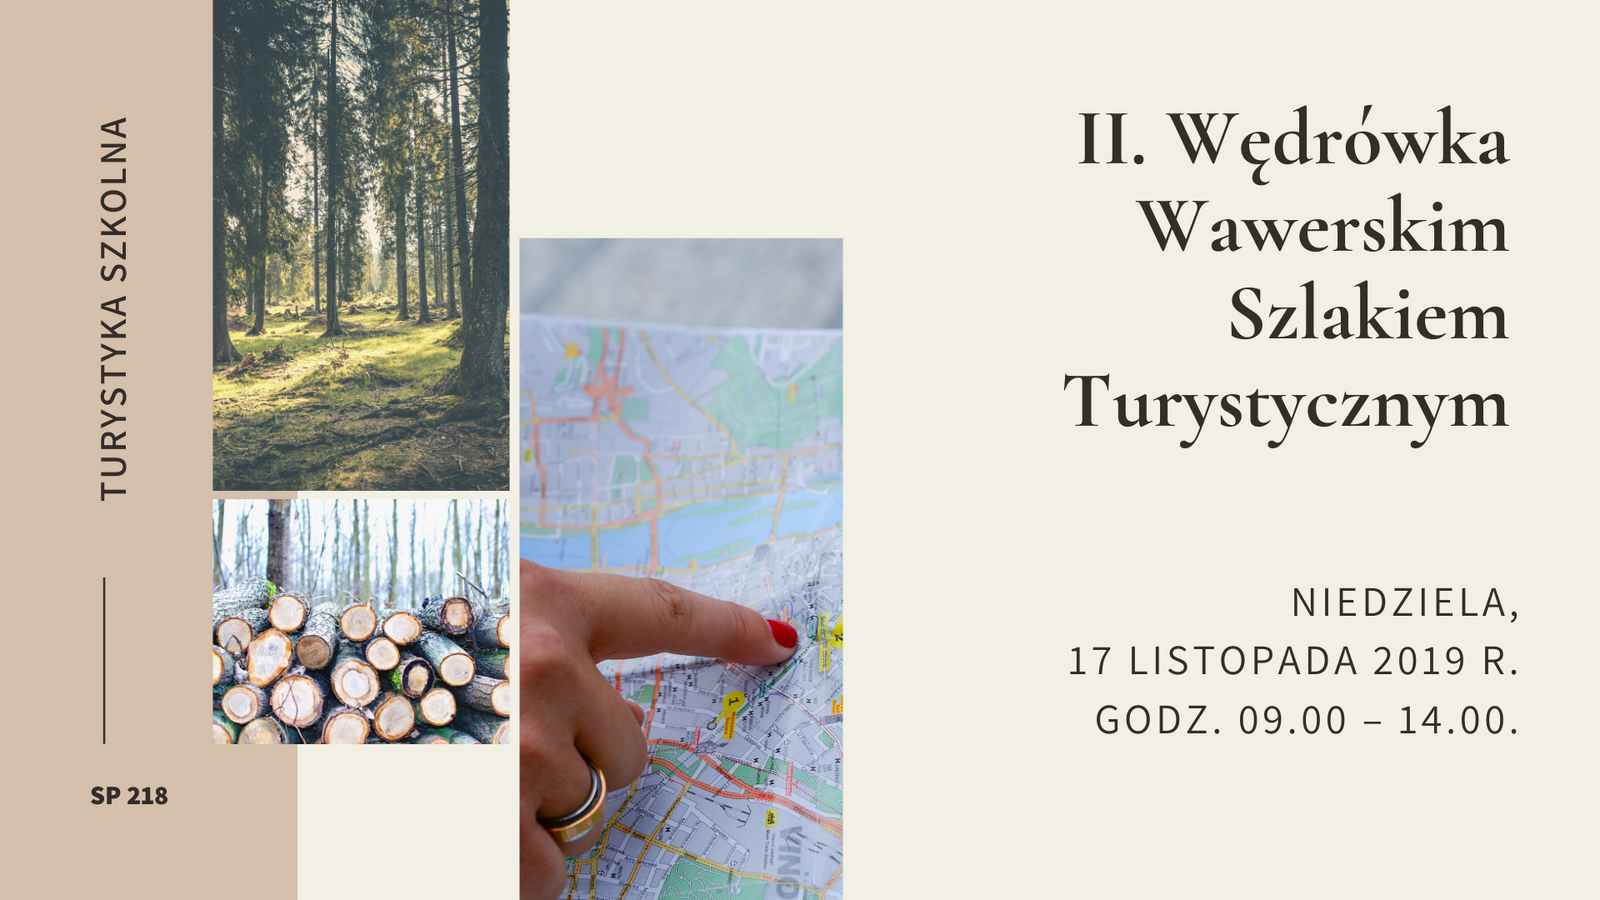 II. Wędrówka Wawerskim Szlakiem Turystycznym